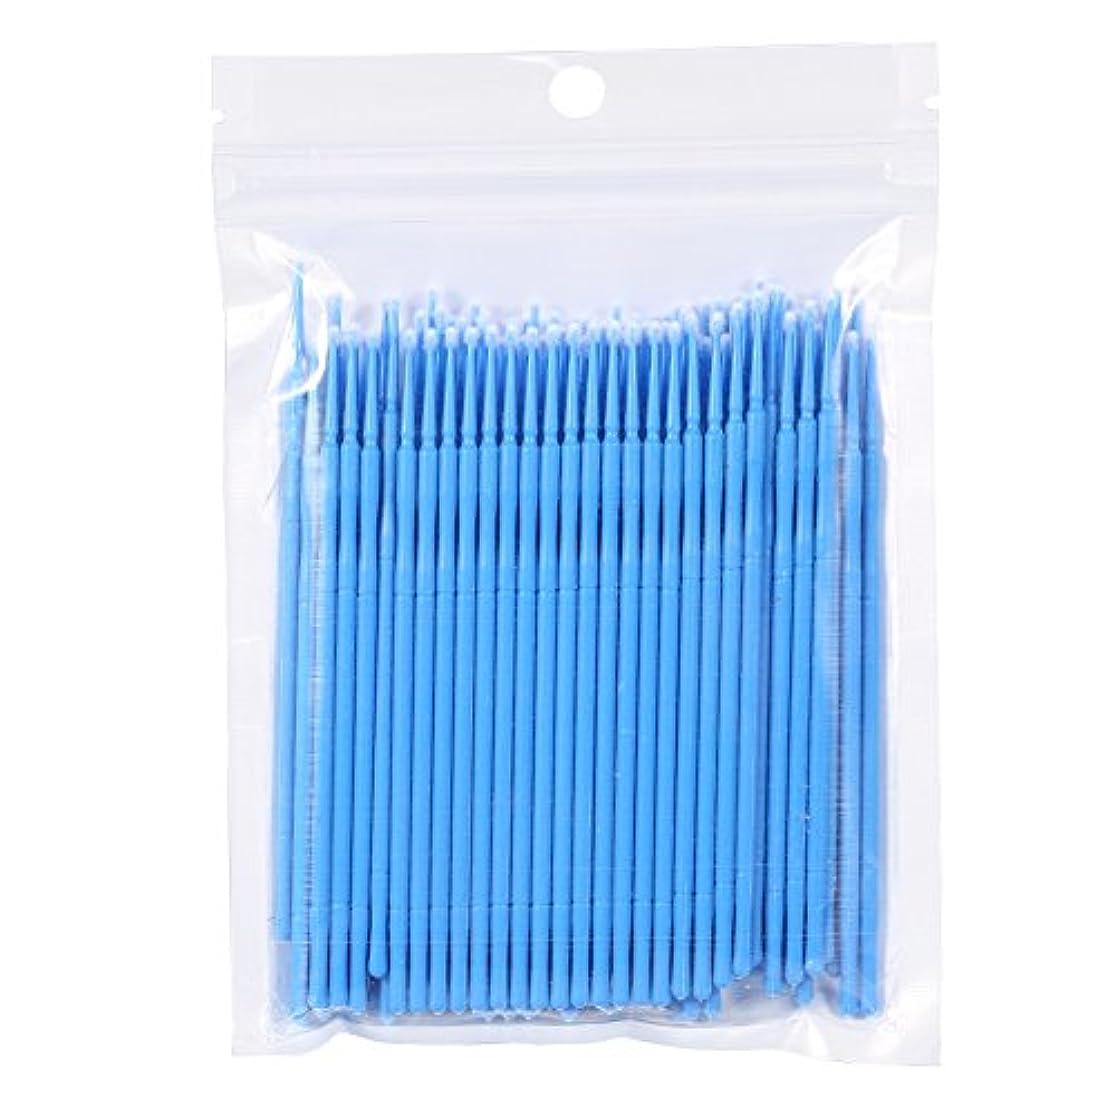 後悔手順仕事に行く100PCS 使い捨て可能なまつげブラシ、まつ毛ブラシ 便利(蓝色)